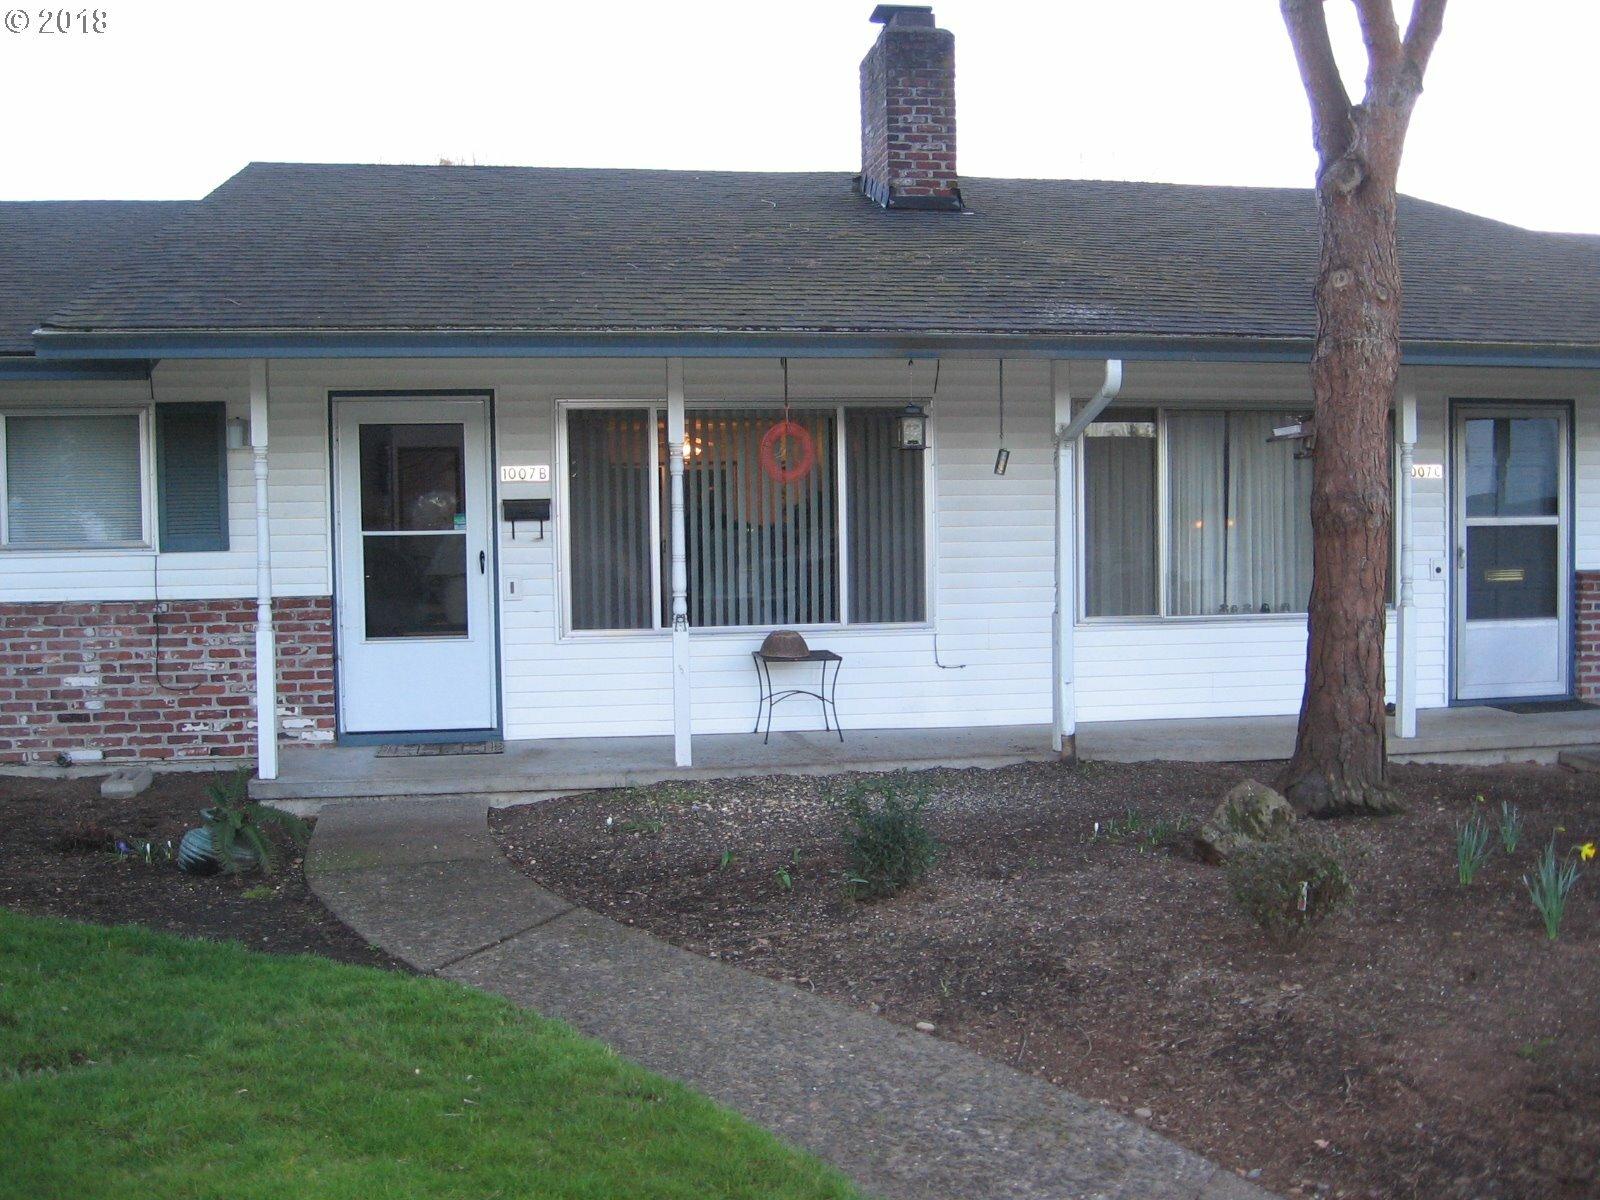 1007 Ne 90th Ave B, Portland, OR - USA (photo 2)